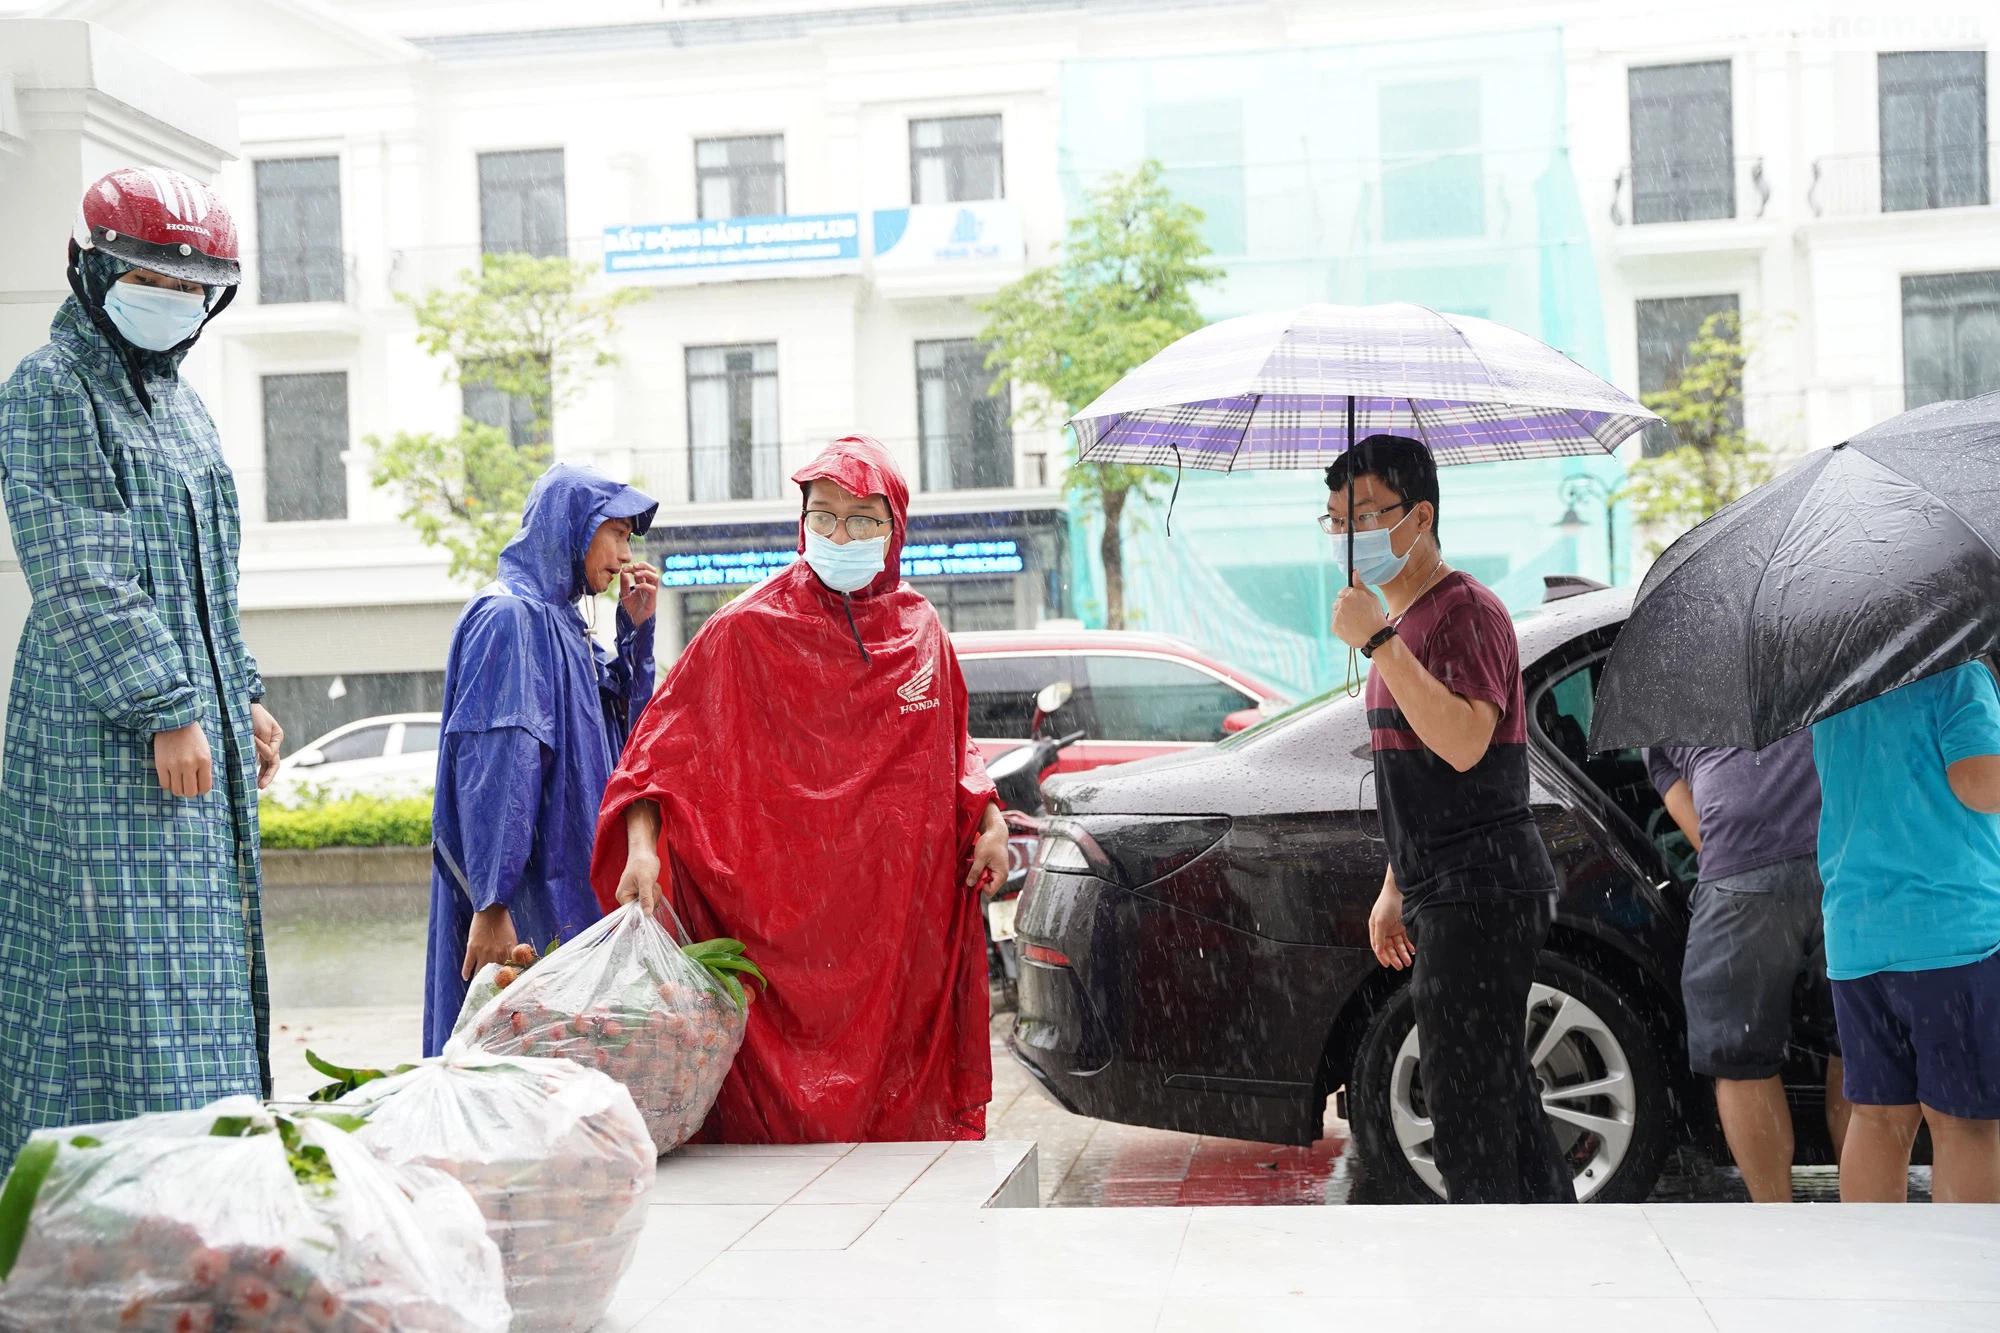 Hơn chục người dầm mưa vận chuyển, phát miễn phí 5,5 tấn nông sản Bắc Giang  - Ảnh 3.